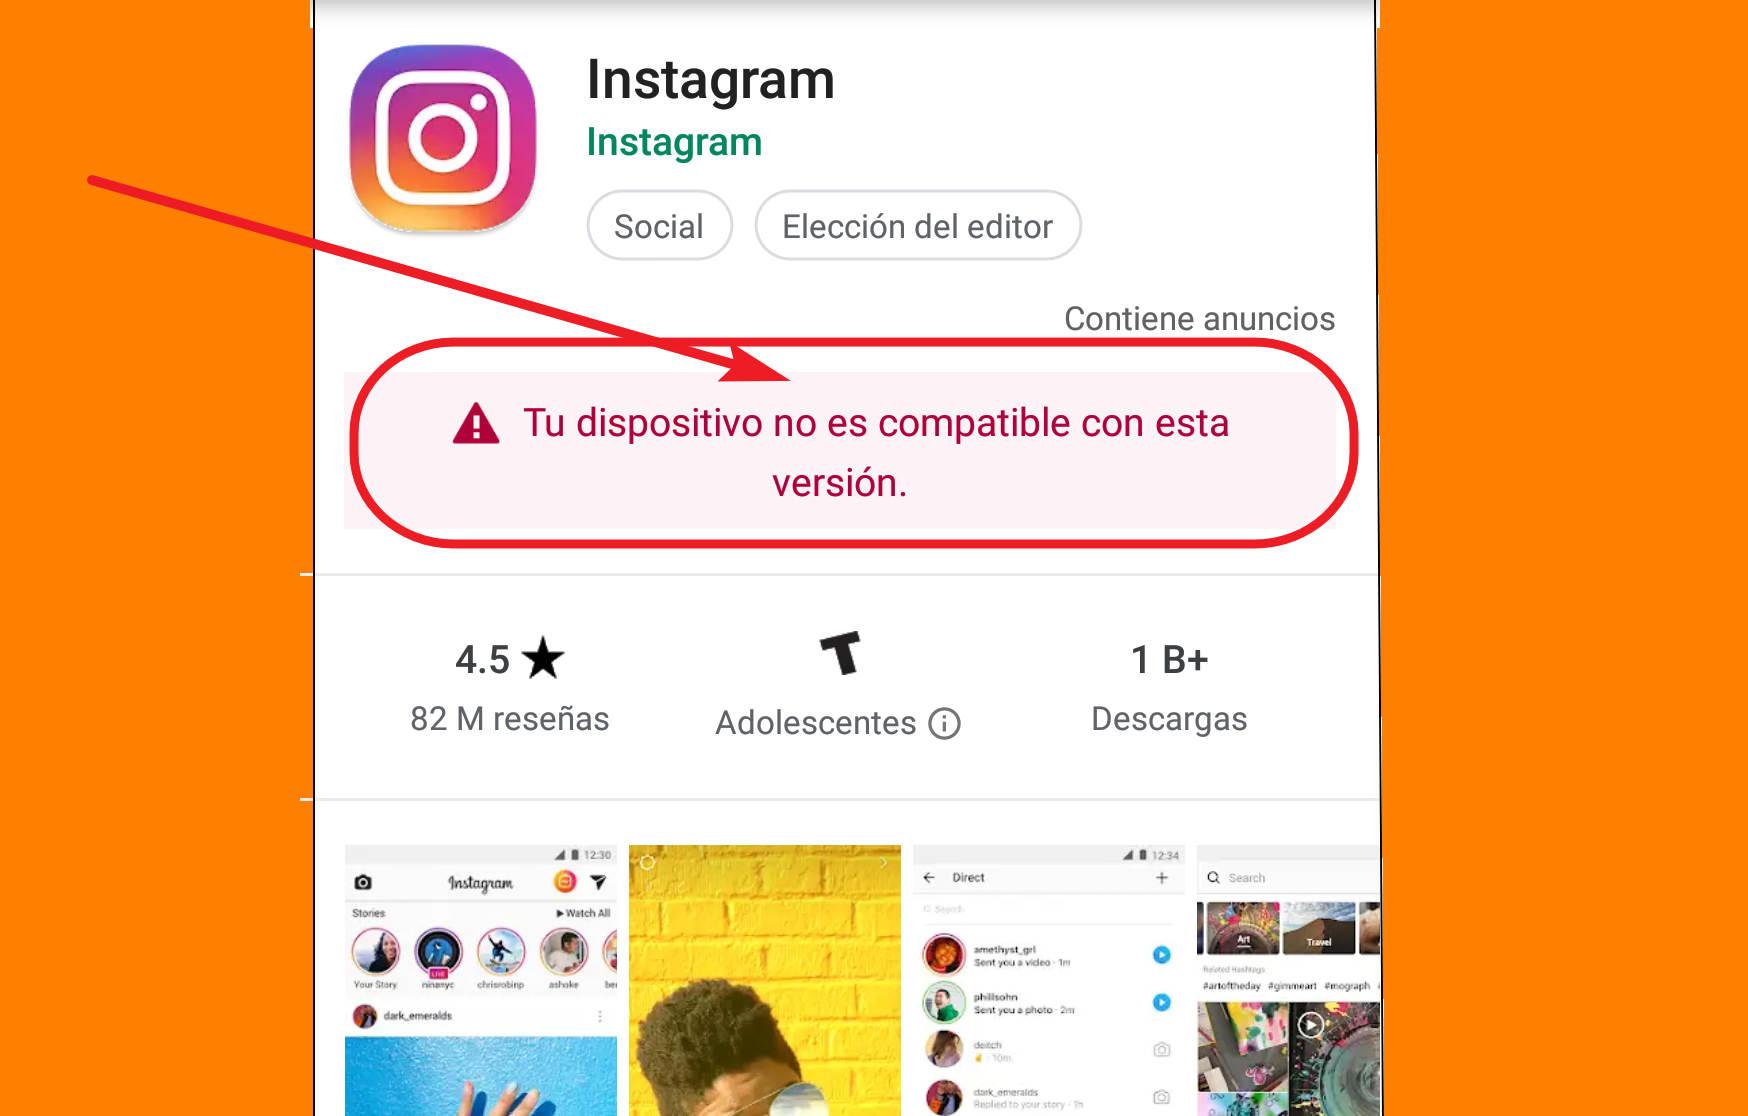 Tu dispositivo no es compatible con esta versión de Instagram